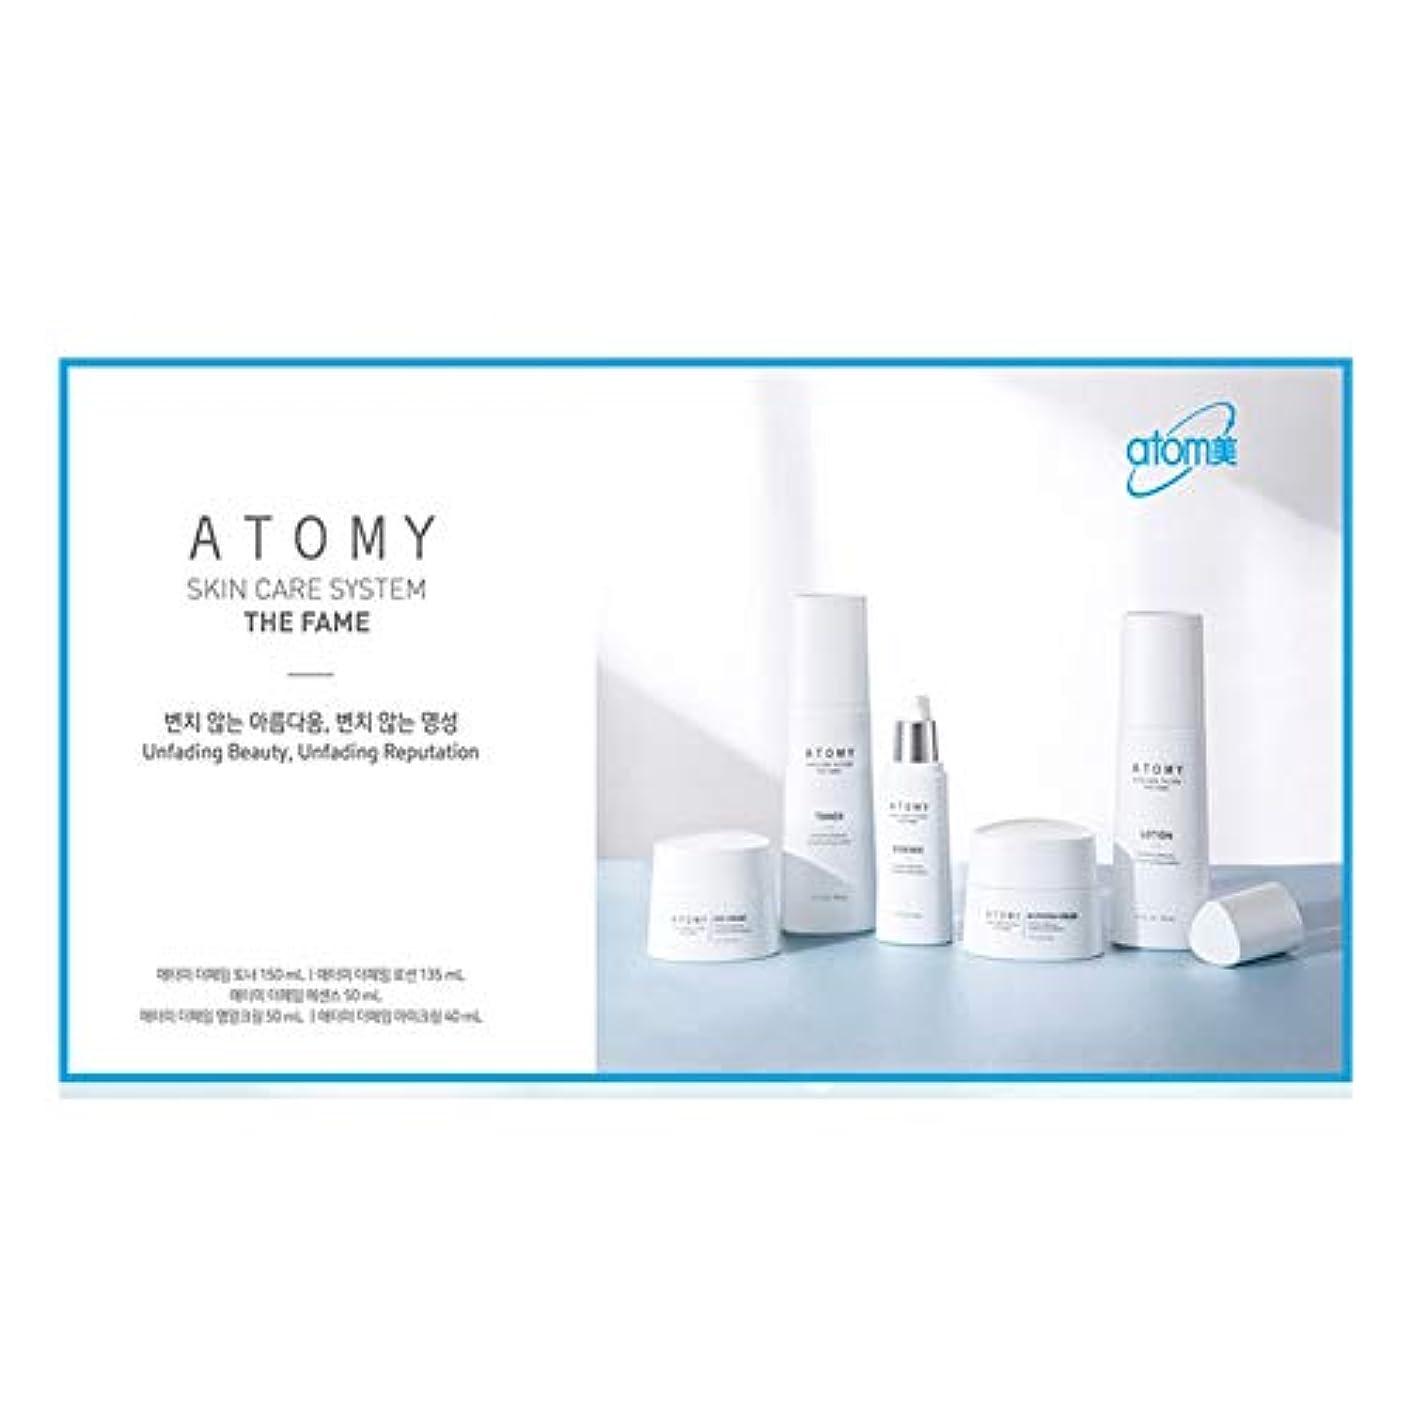 アフリカメイド勧告アトミザ?フェームエッセンス50ml韓国コスメ、Atomy The Fame Essence 50ml Korean Cosmetics [並行輸入品]